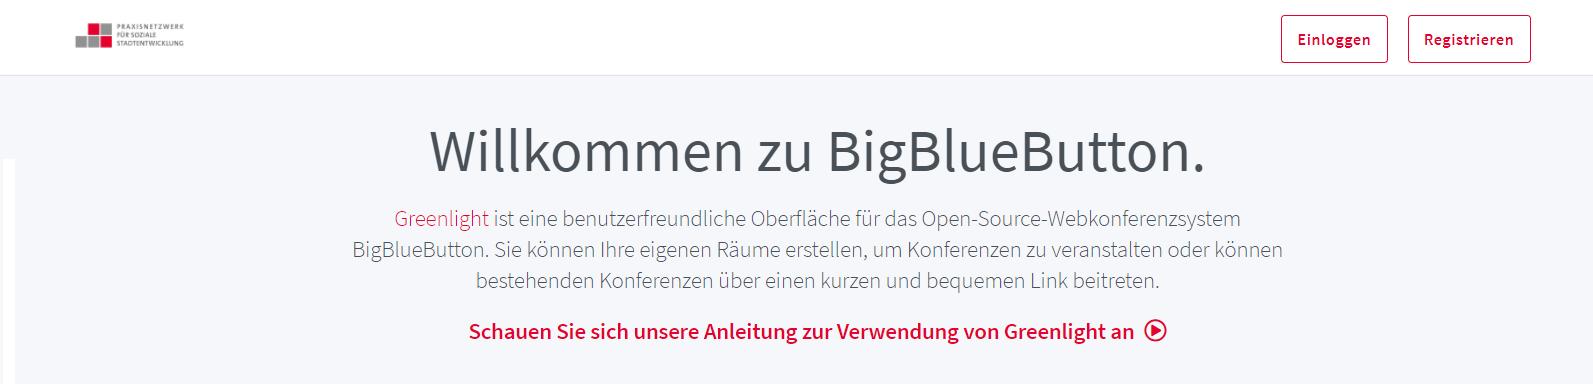 BBB - BigBlueButton lag-nds.de